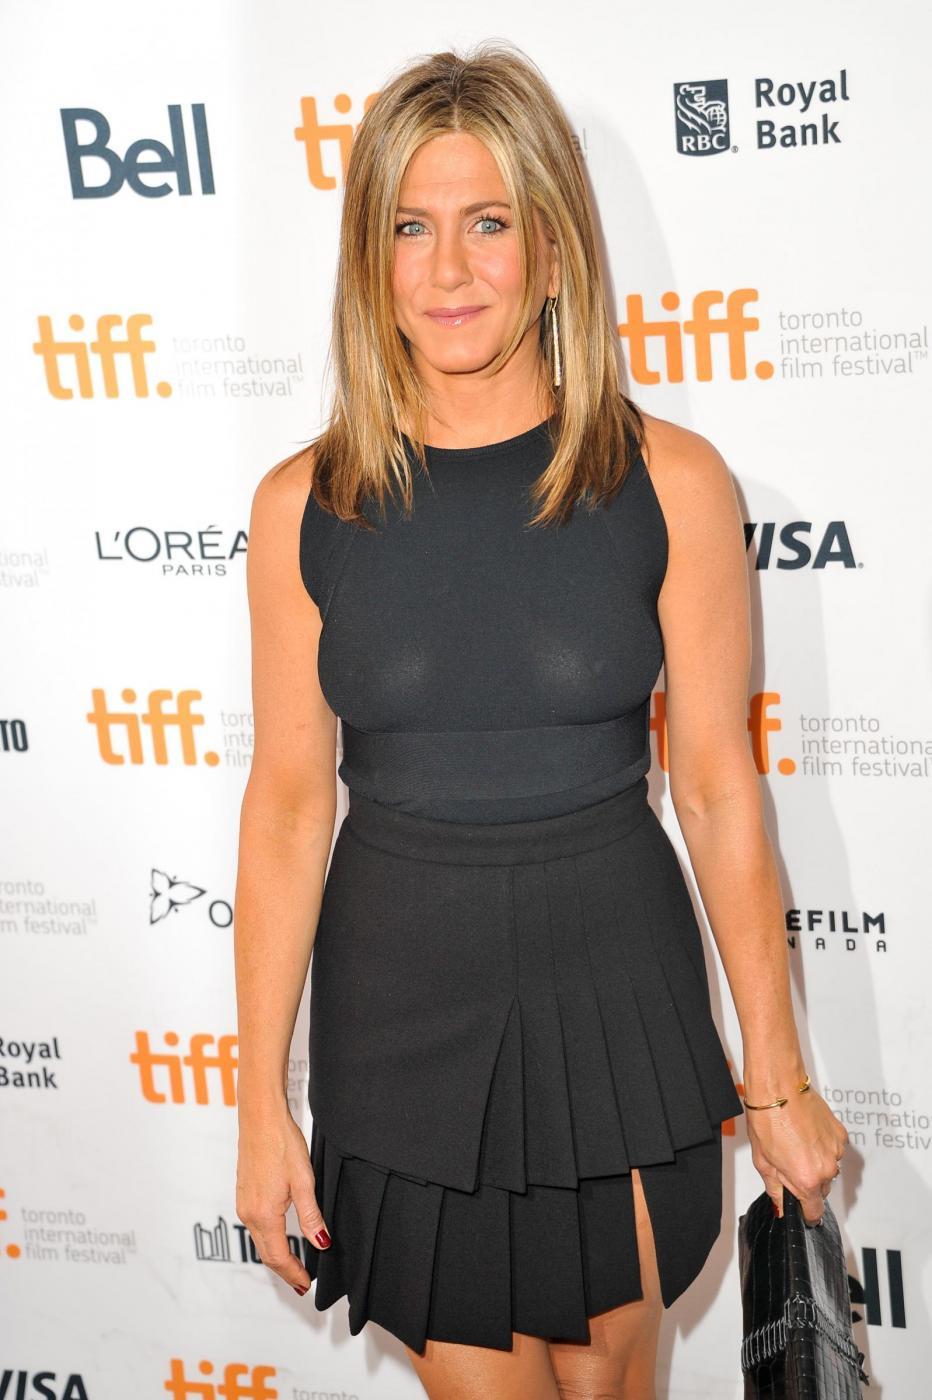 Jennifer Aniston, capezzoli a vista sul red carpet: perchè? (Foto)